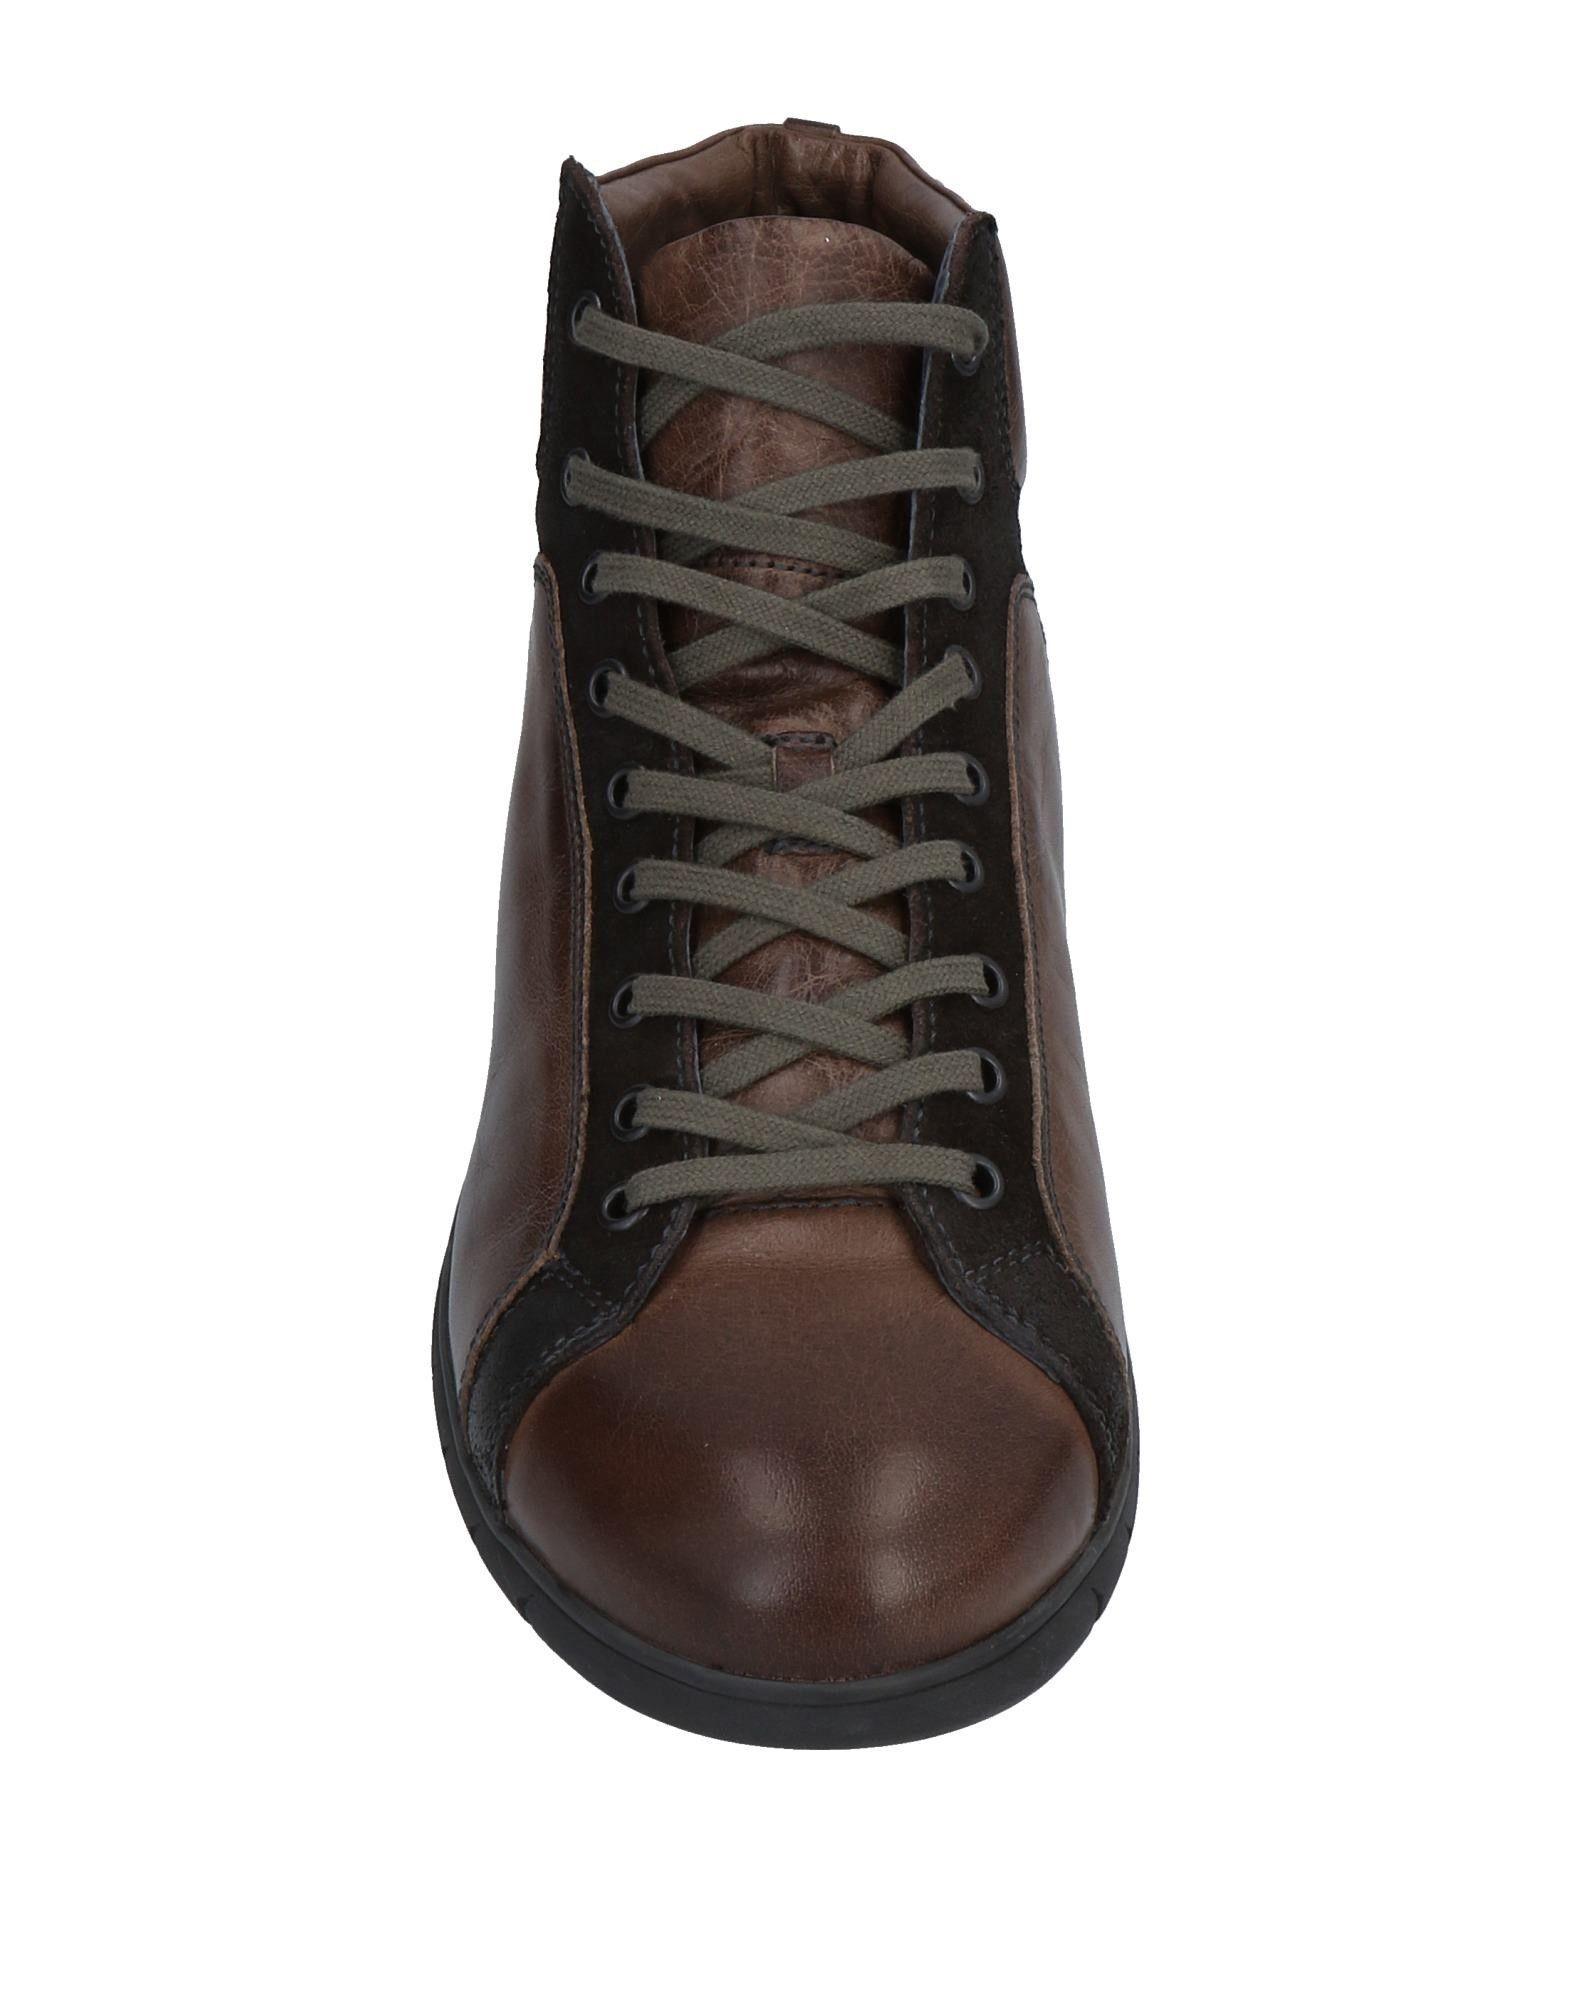 Rabatt Herren echte Schuhe Cafènoir Sneakers Herren Rabatt  11267680DB 75b089